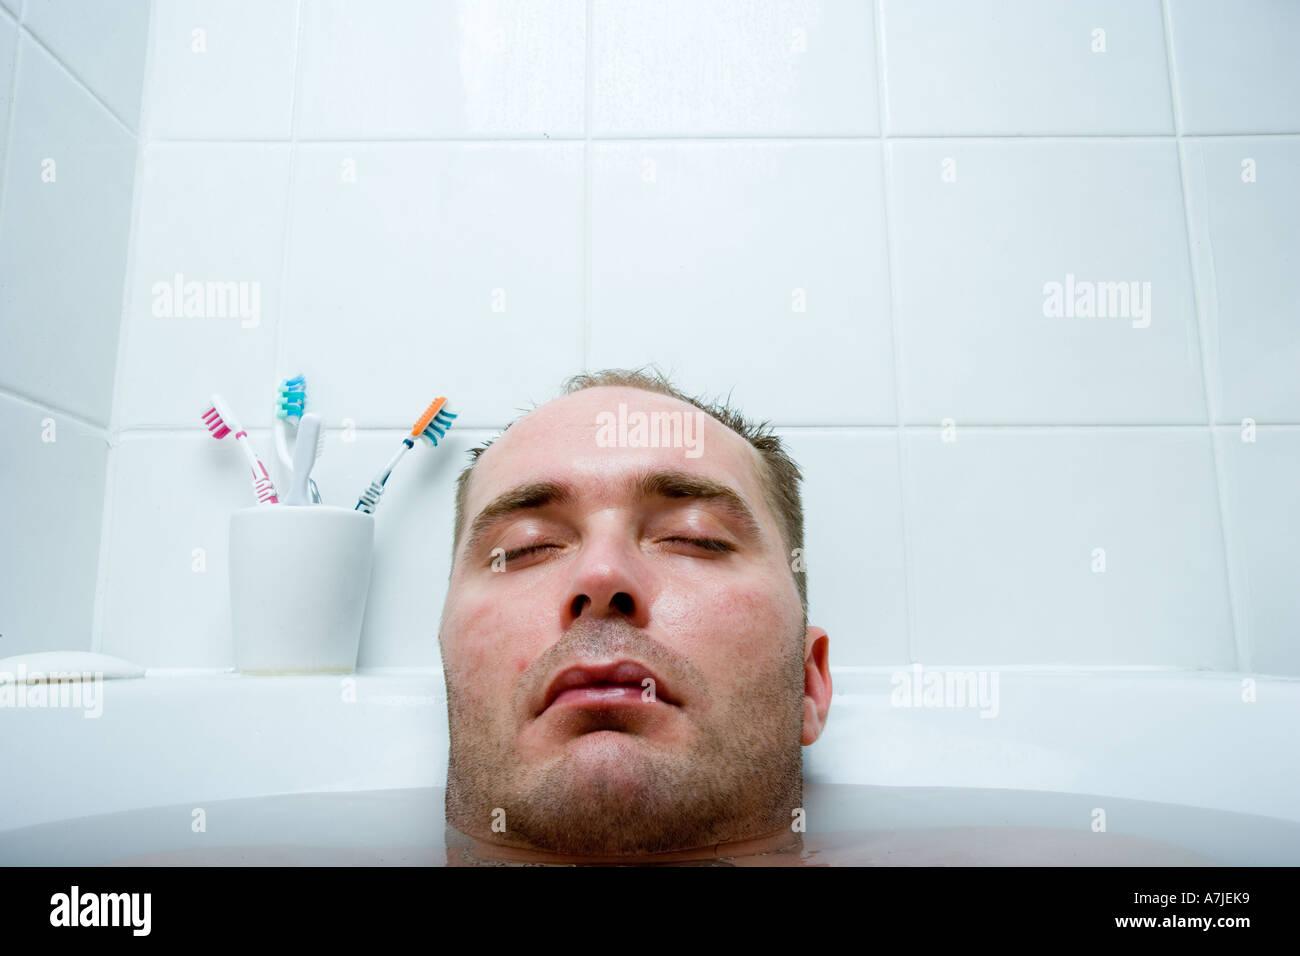 Kopf eines Mannes mit geschlossenen Augen und der Rest seines Körpers, mitten in der Badewanne Stockbild